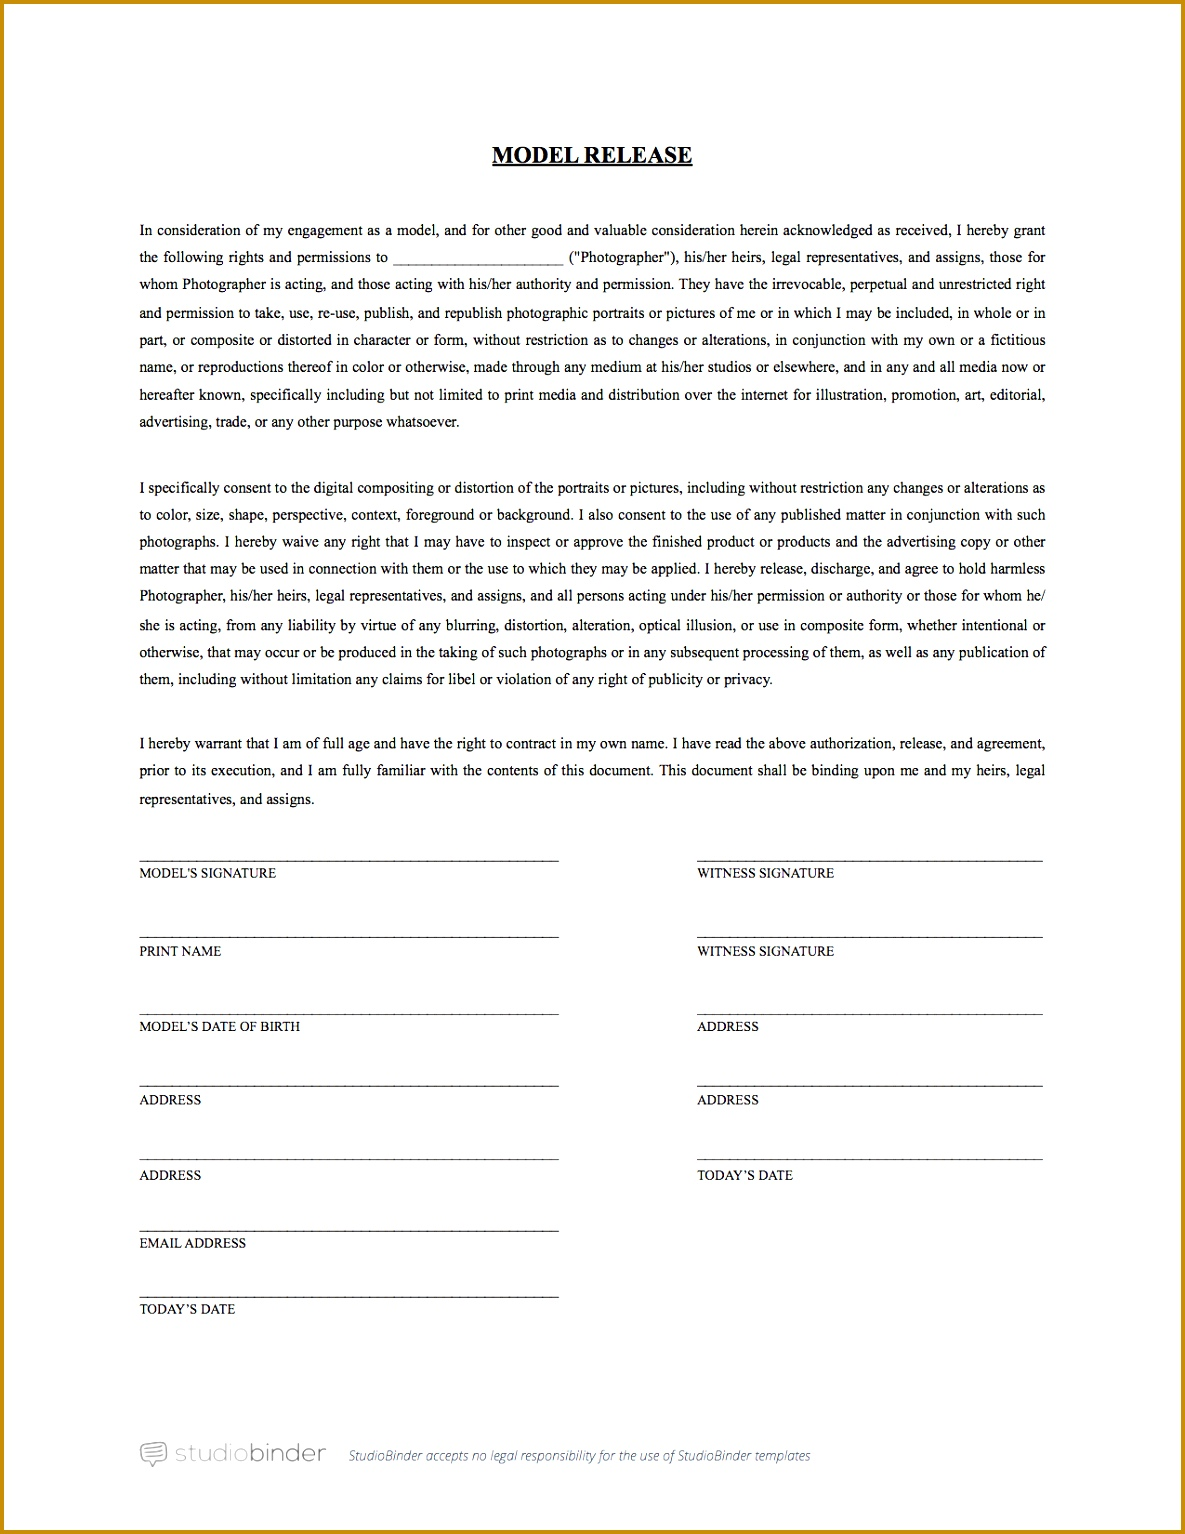 Model Release Form Template StudioBinder 15341185